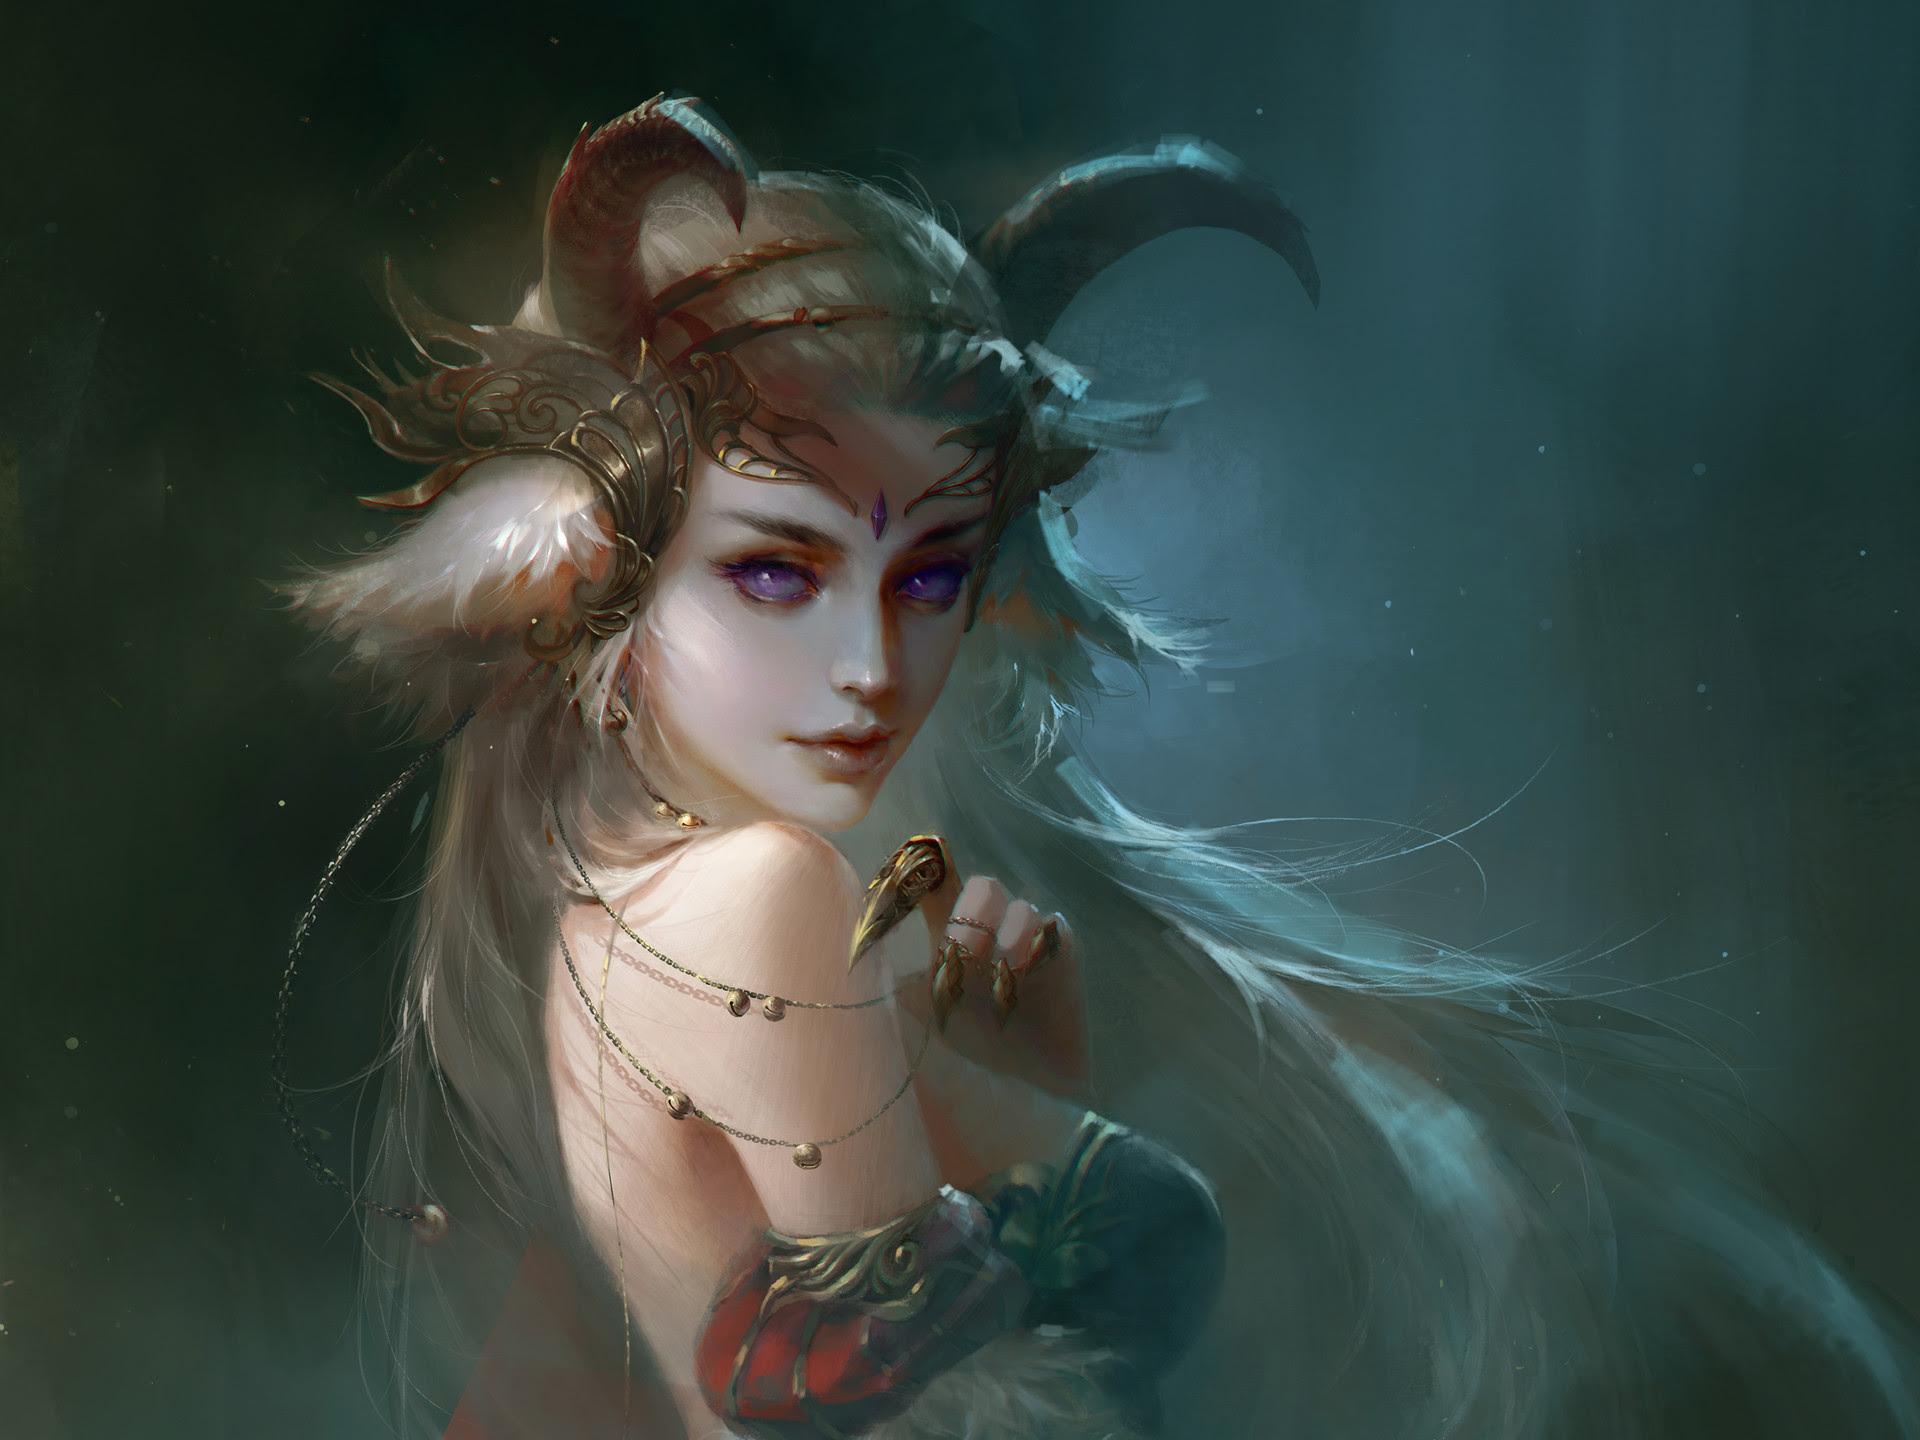 Demon Girl Wallpaper (69+ images)